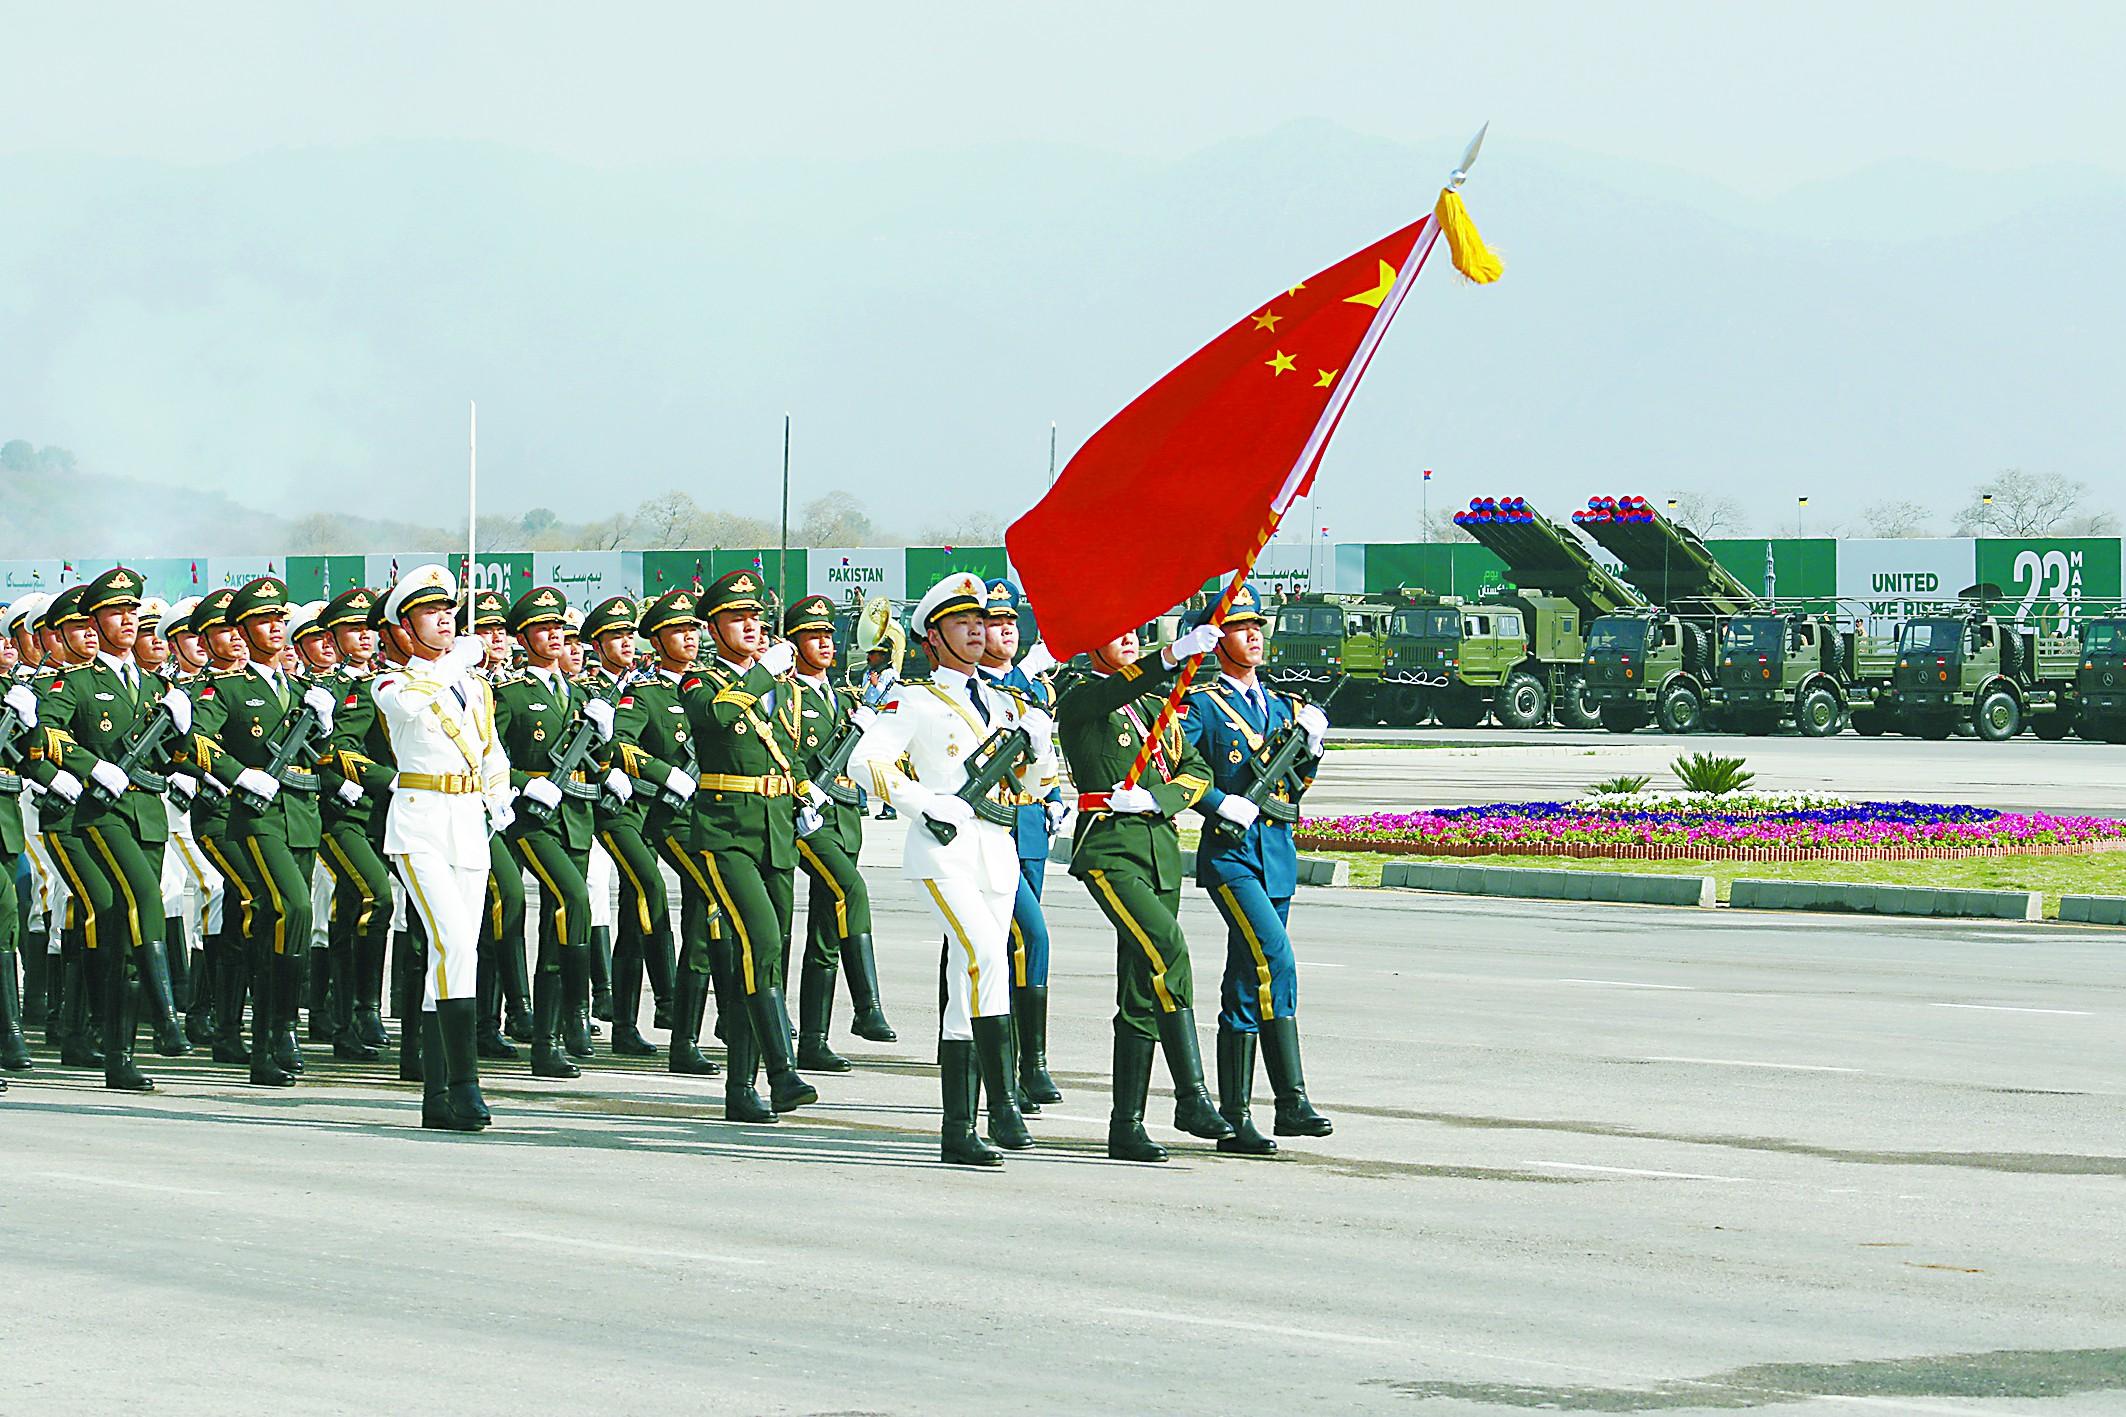 巴铁阅兵彩排充满中国元素 解放军仪仗队首度亮相